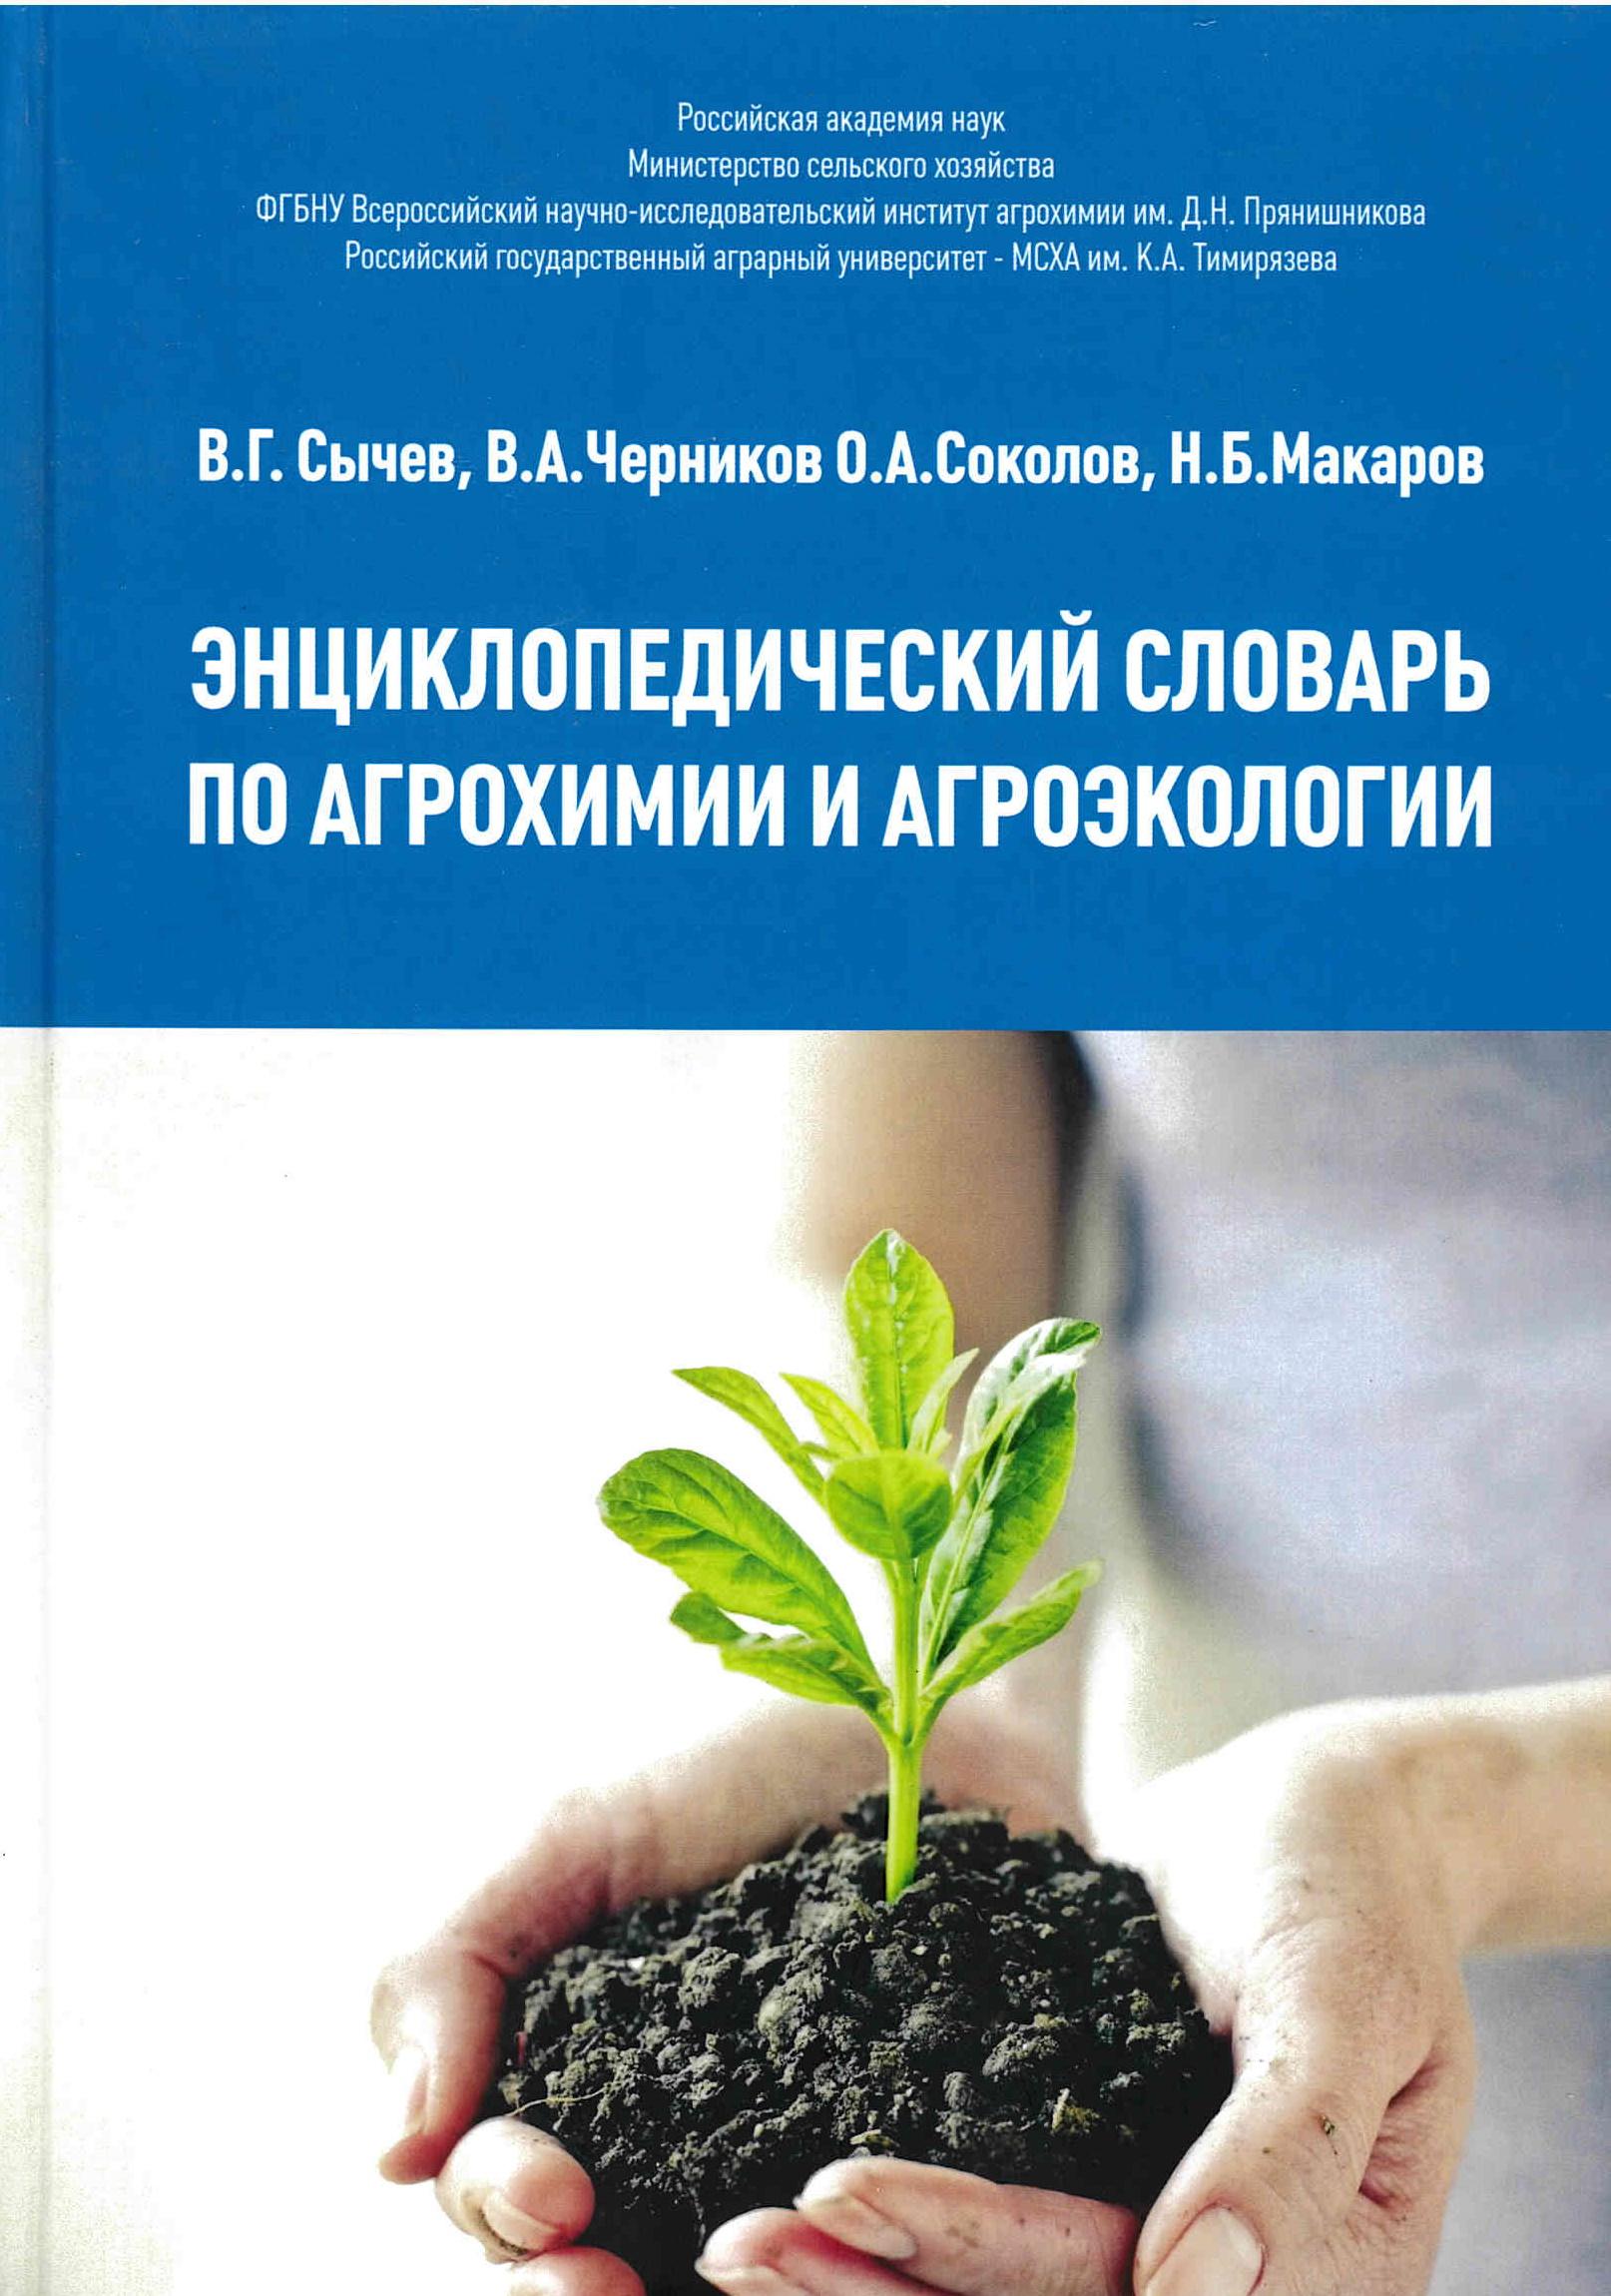 Энциклопедический словарь по агрохимии и агроэкологии - фото